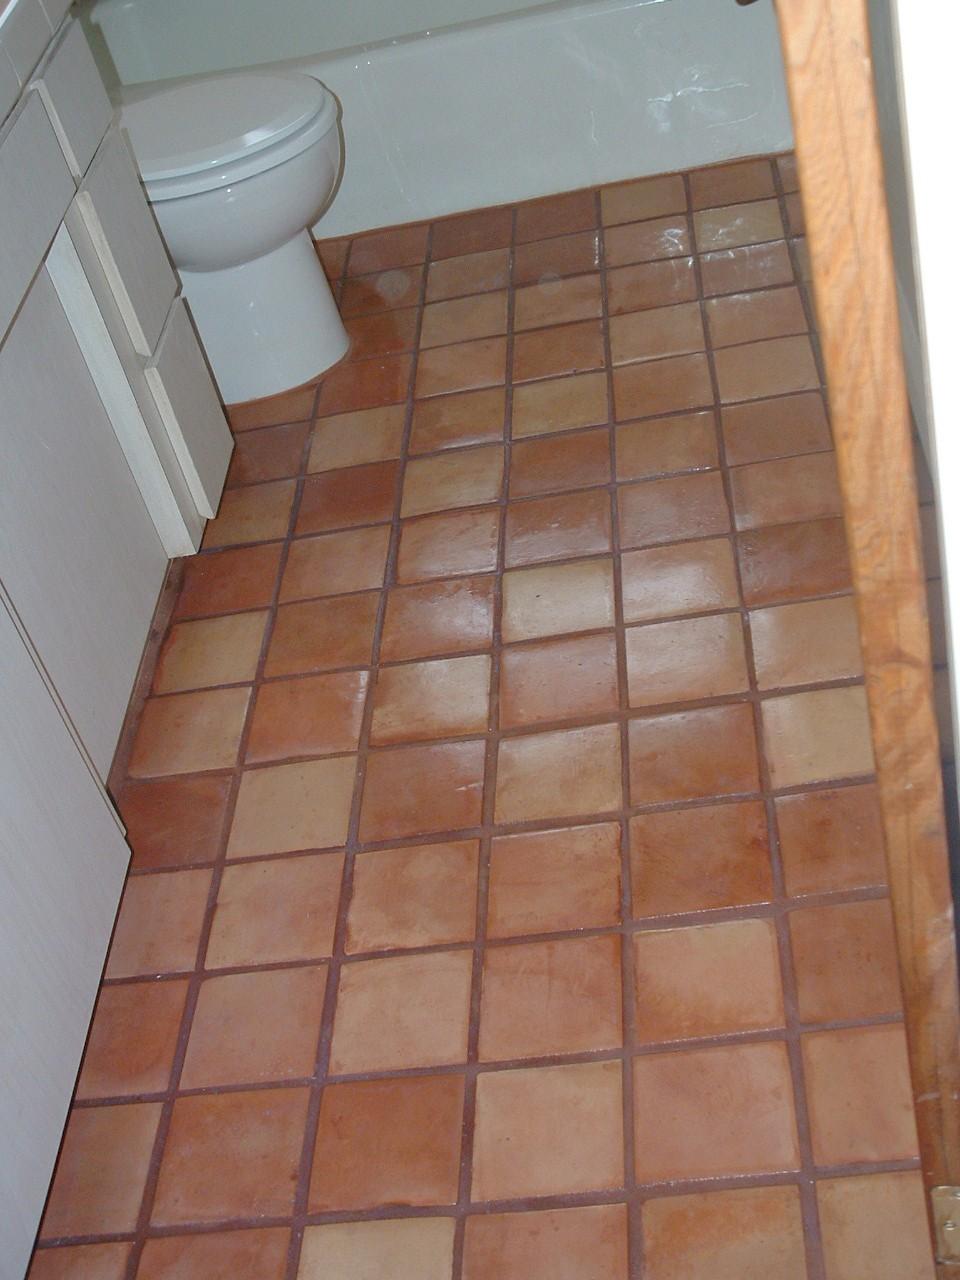 6 Terracotta Floor Tiles in Pakistan Marble Floor Tiles Price in Pakistan Images.